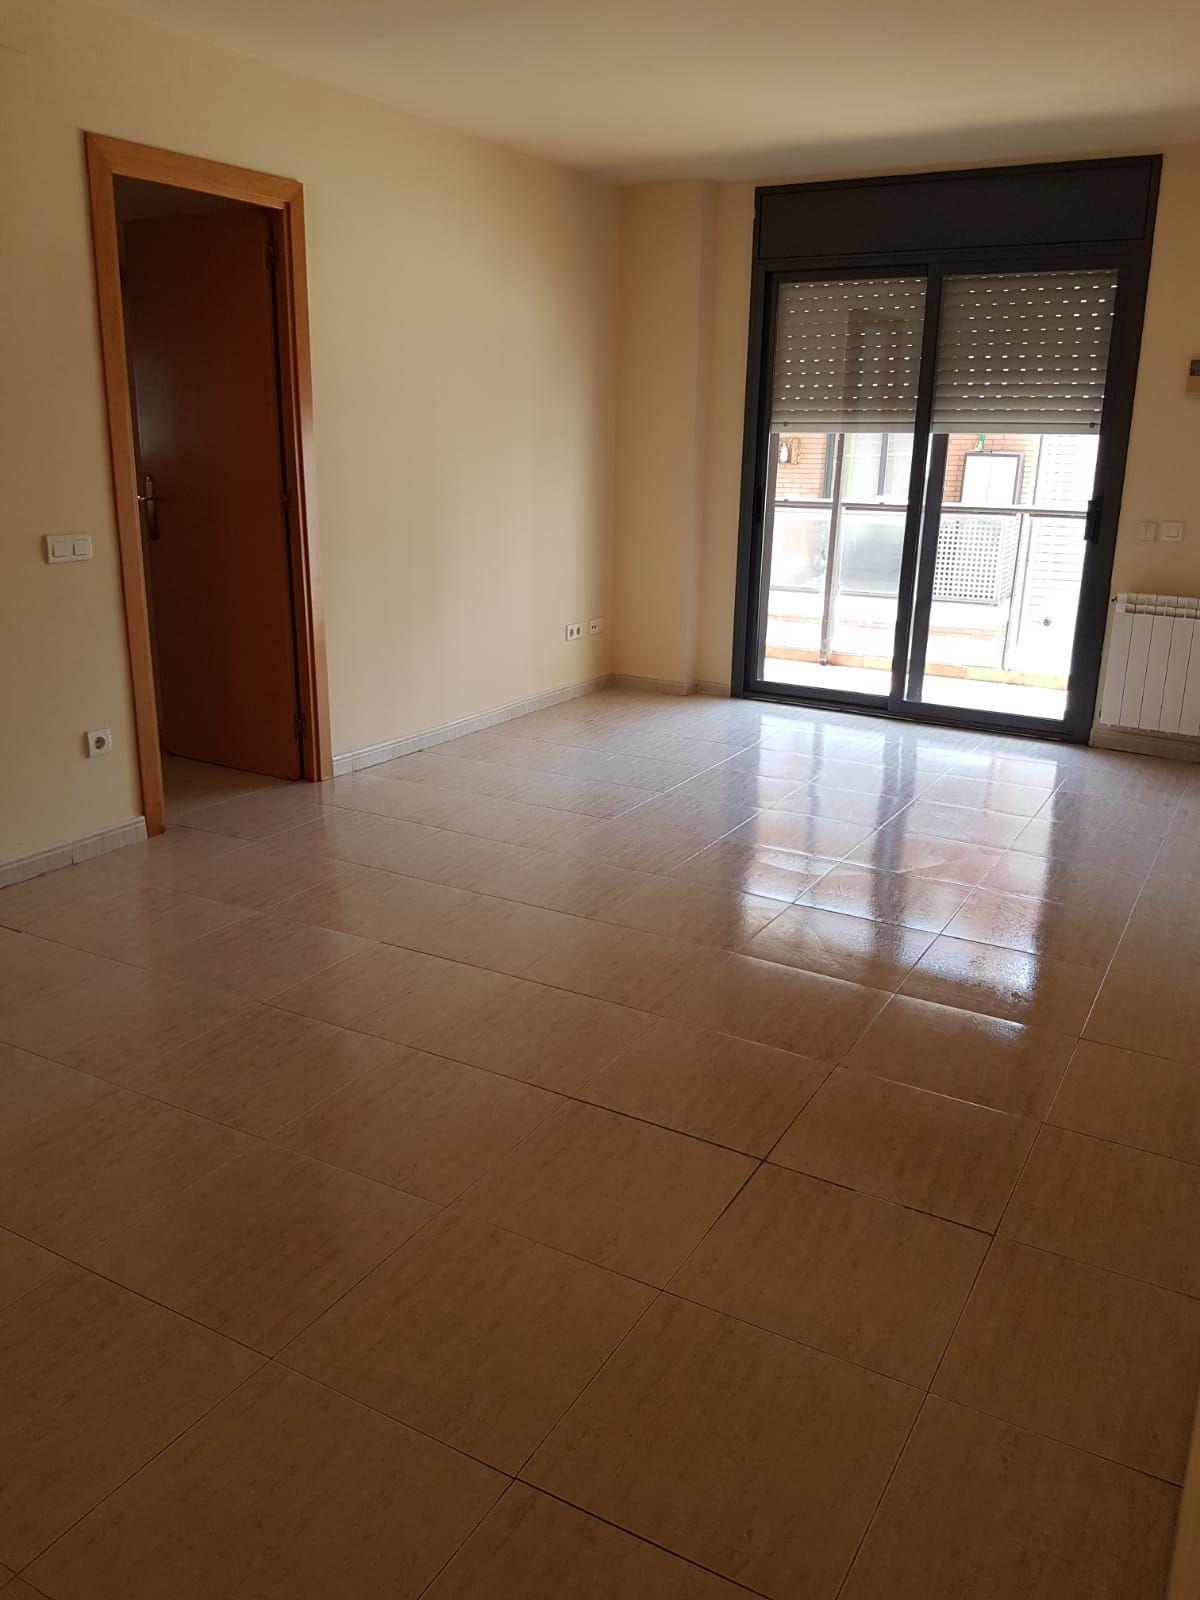 Limpieza un piso - Después